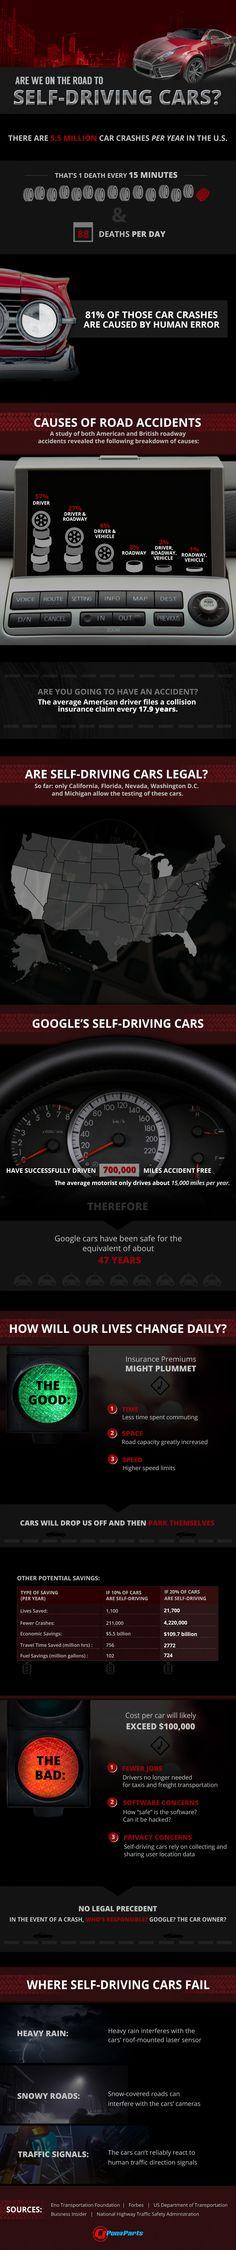 Algunas reflexiones sobre los coches sin conductor #infografia #infographic #tech